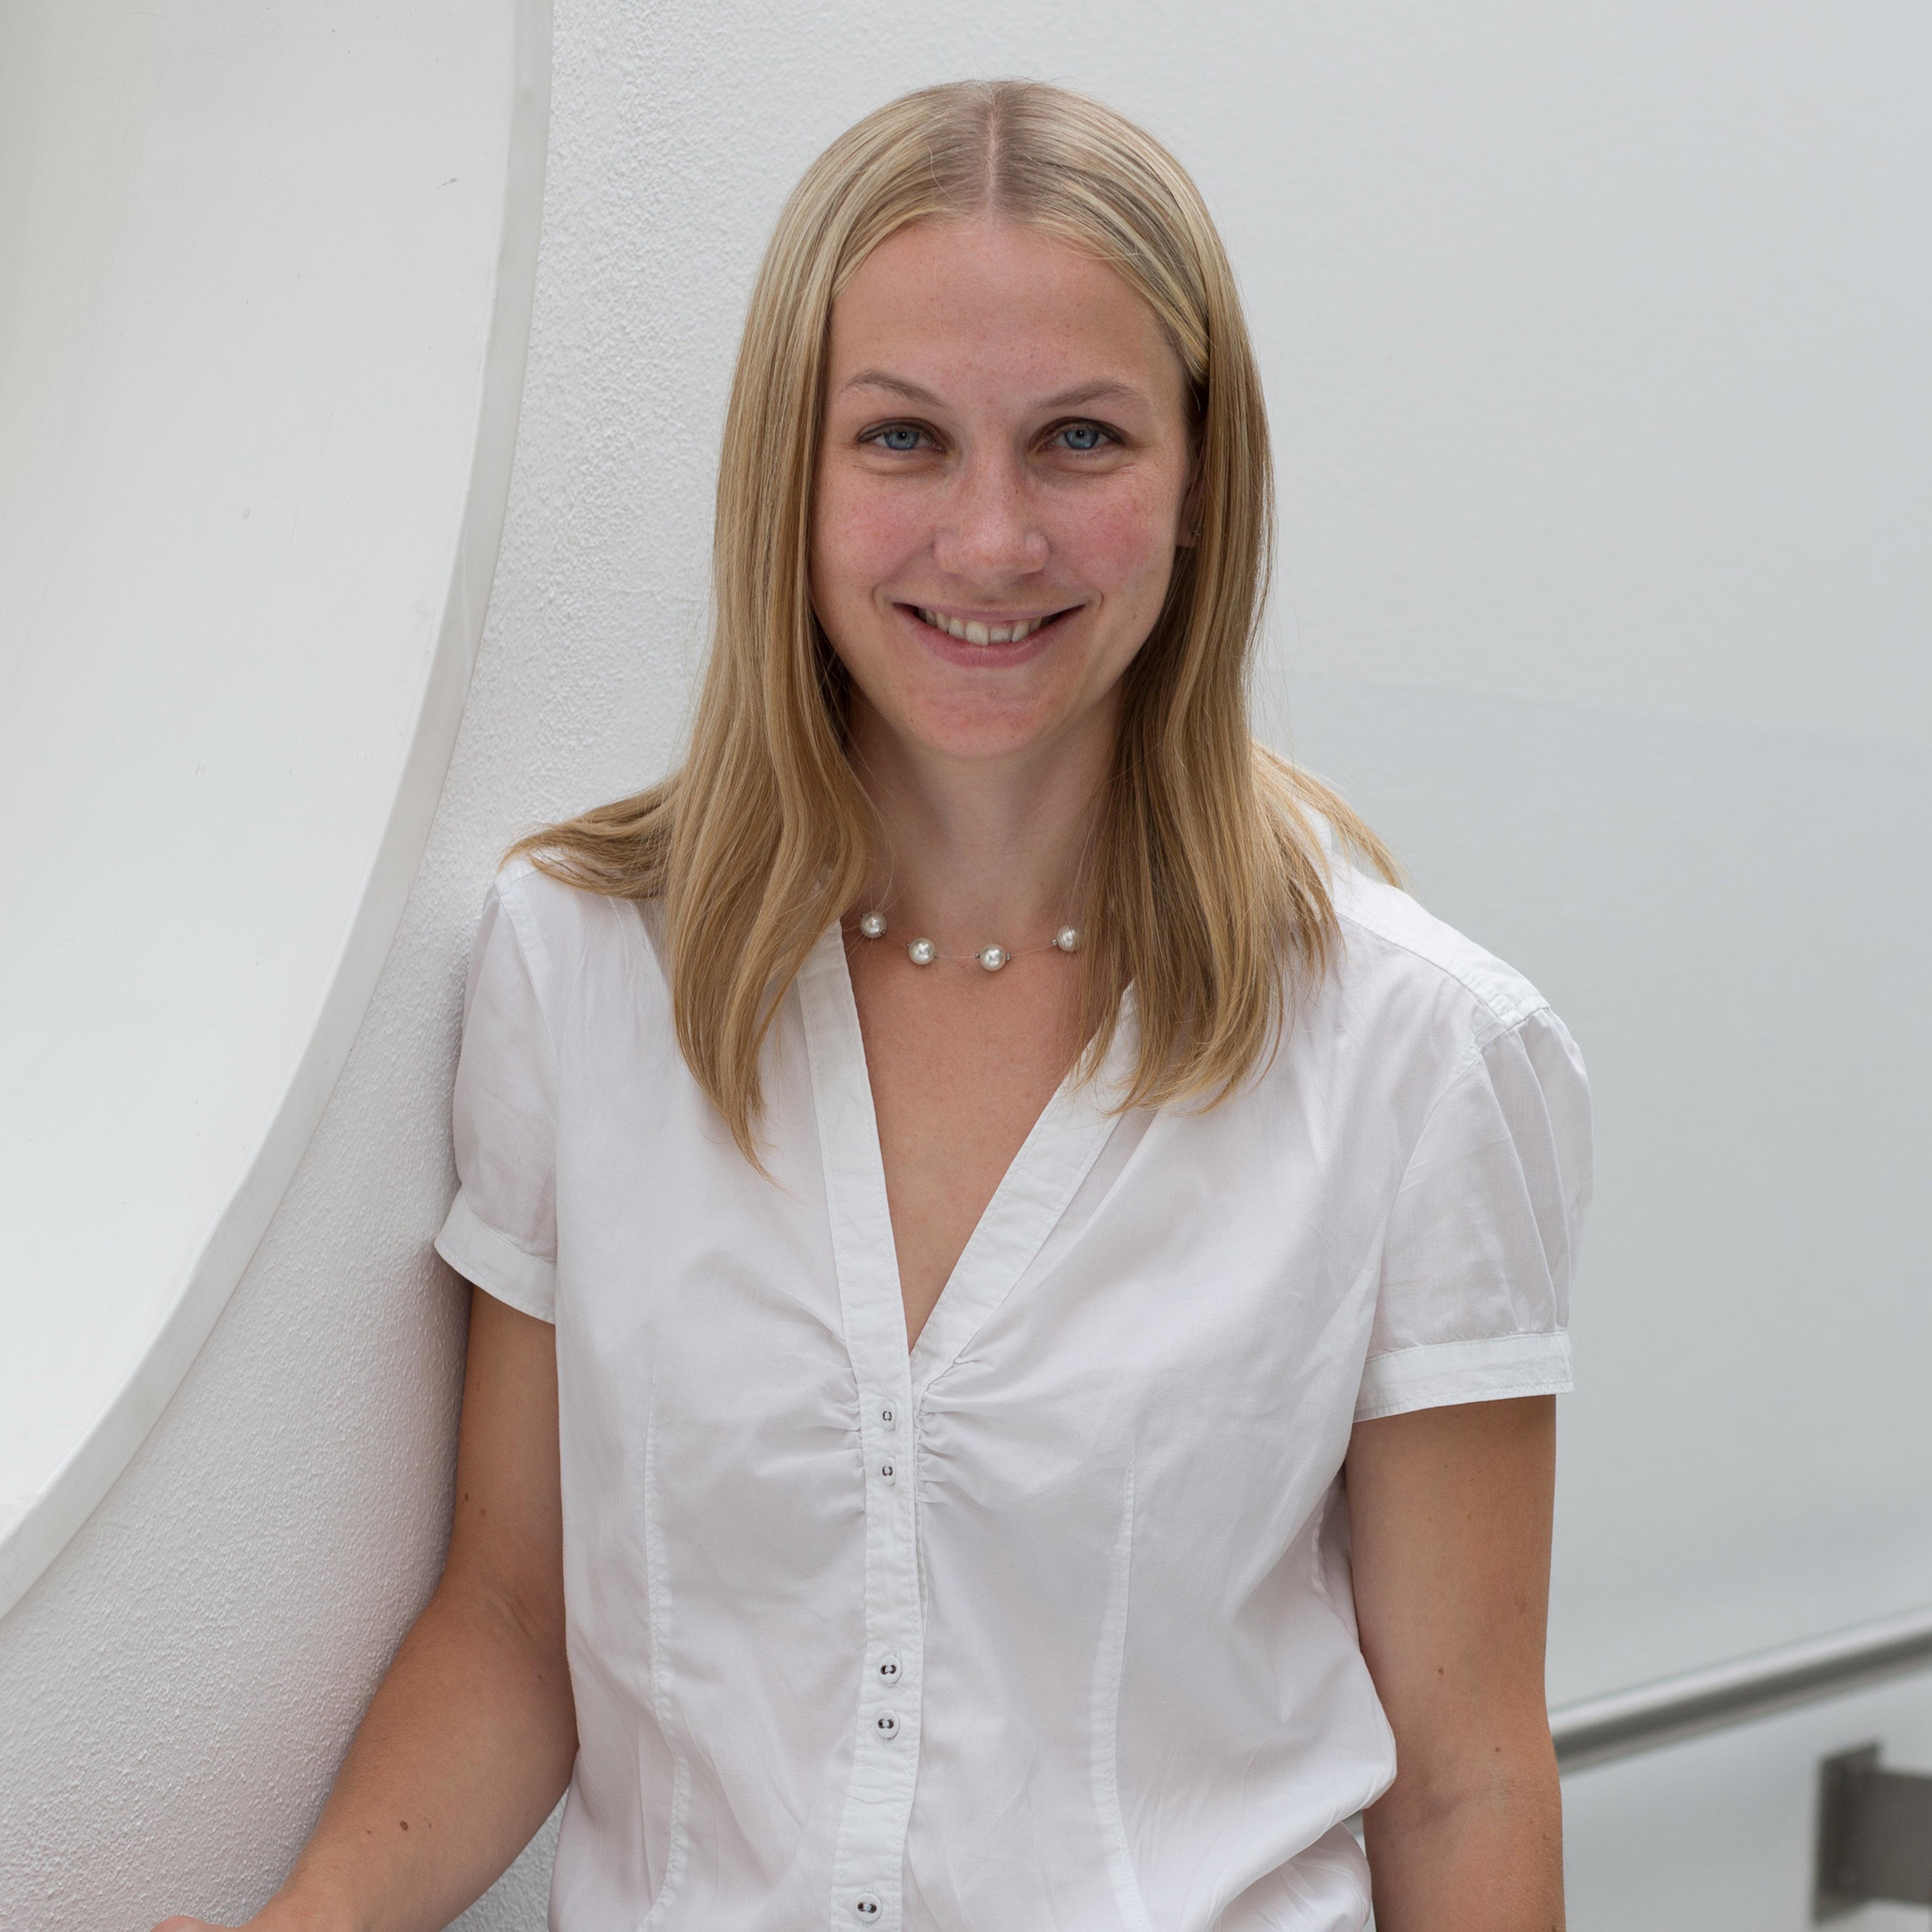 Marike Kellermayr-Scheucher